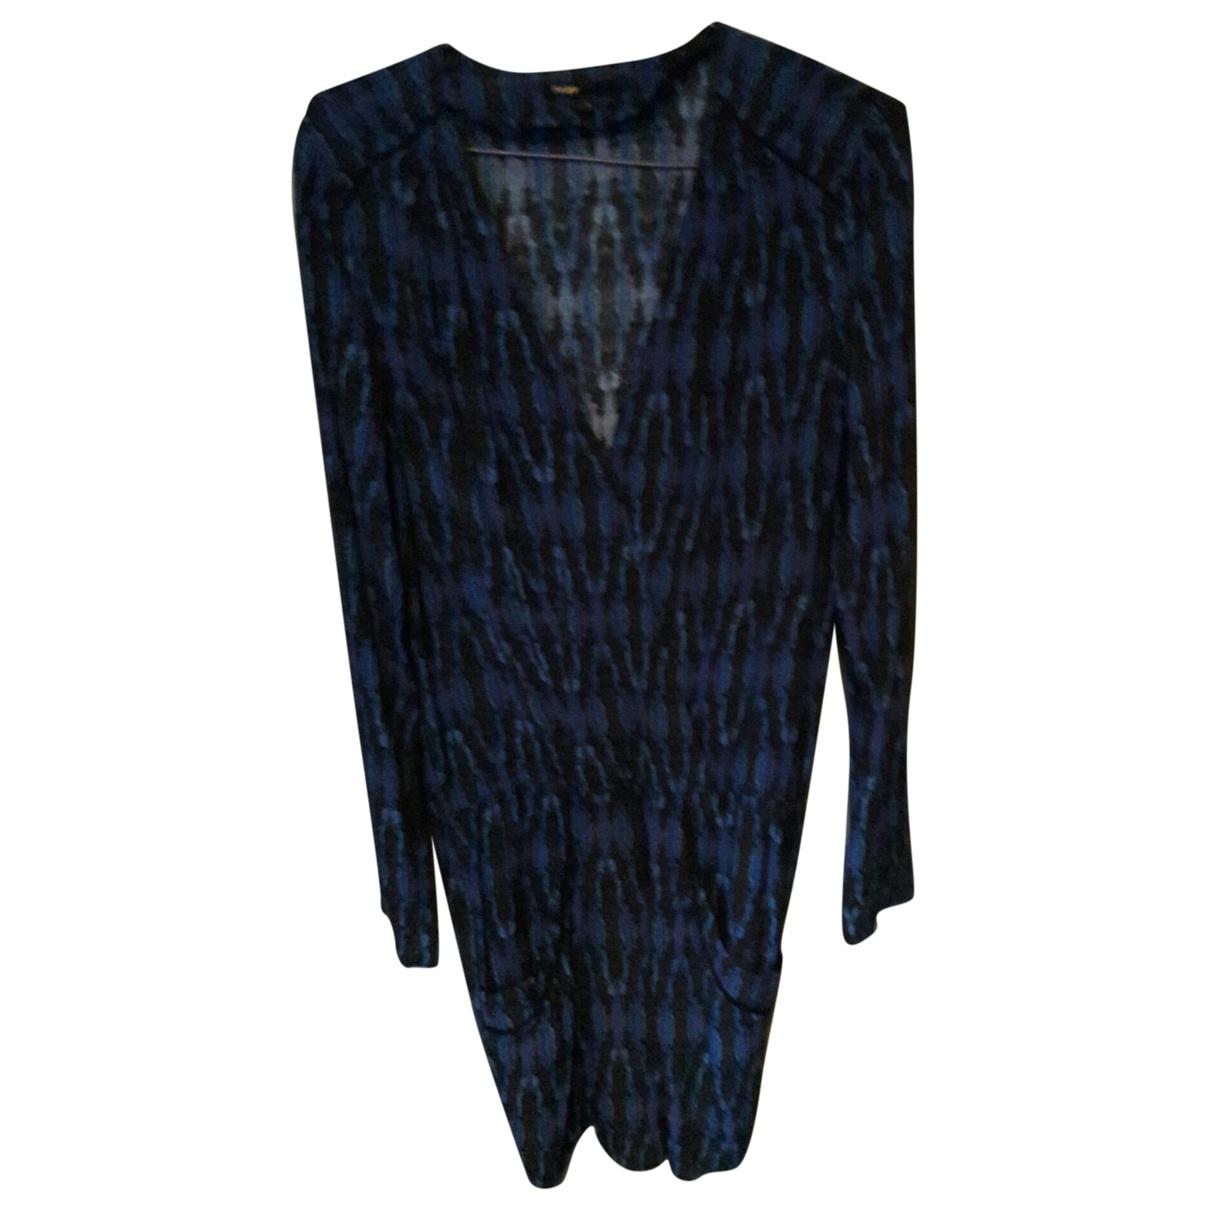 Maje \N Kleid in  Blau Viskose